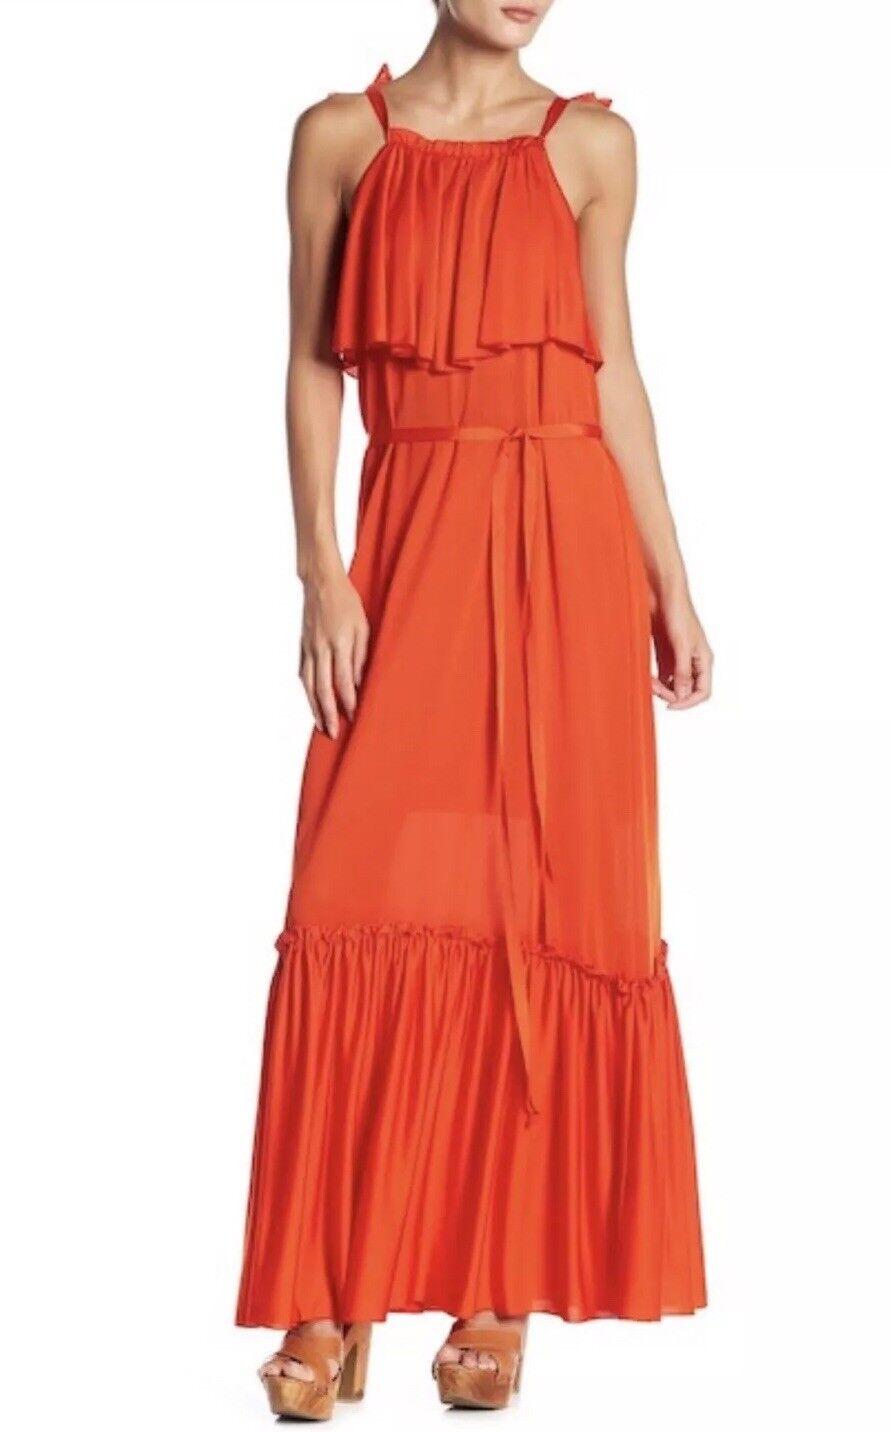 NWT  Free People Coco Tie Waist Maxi Dress - rot - Sz XS